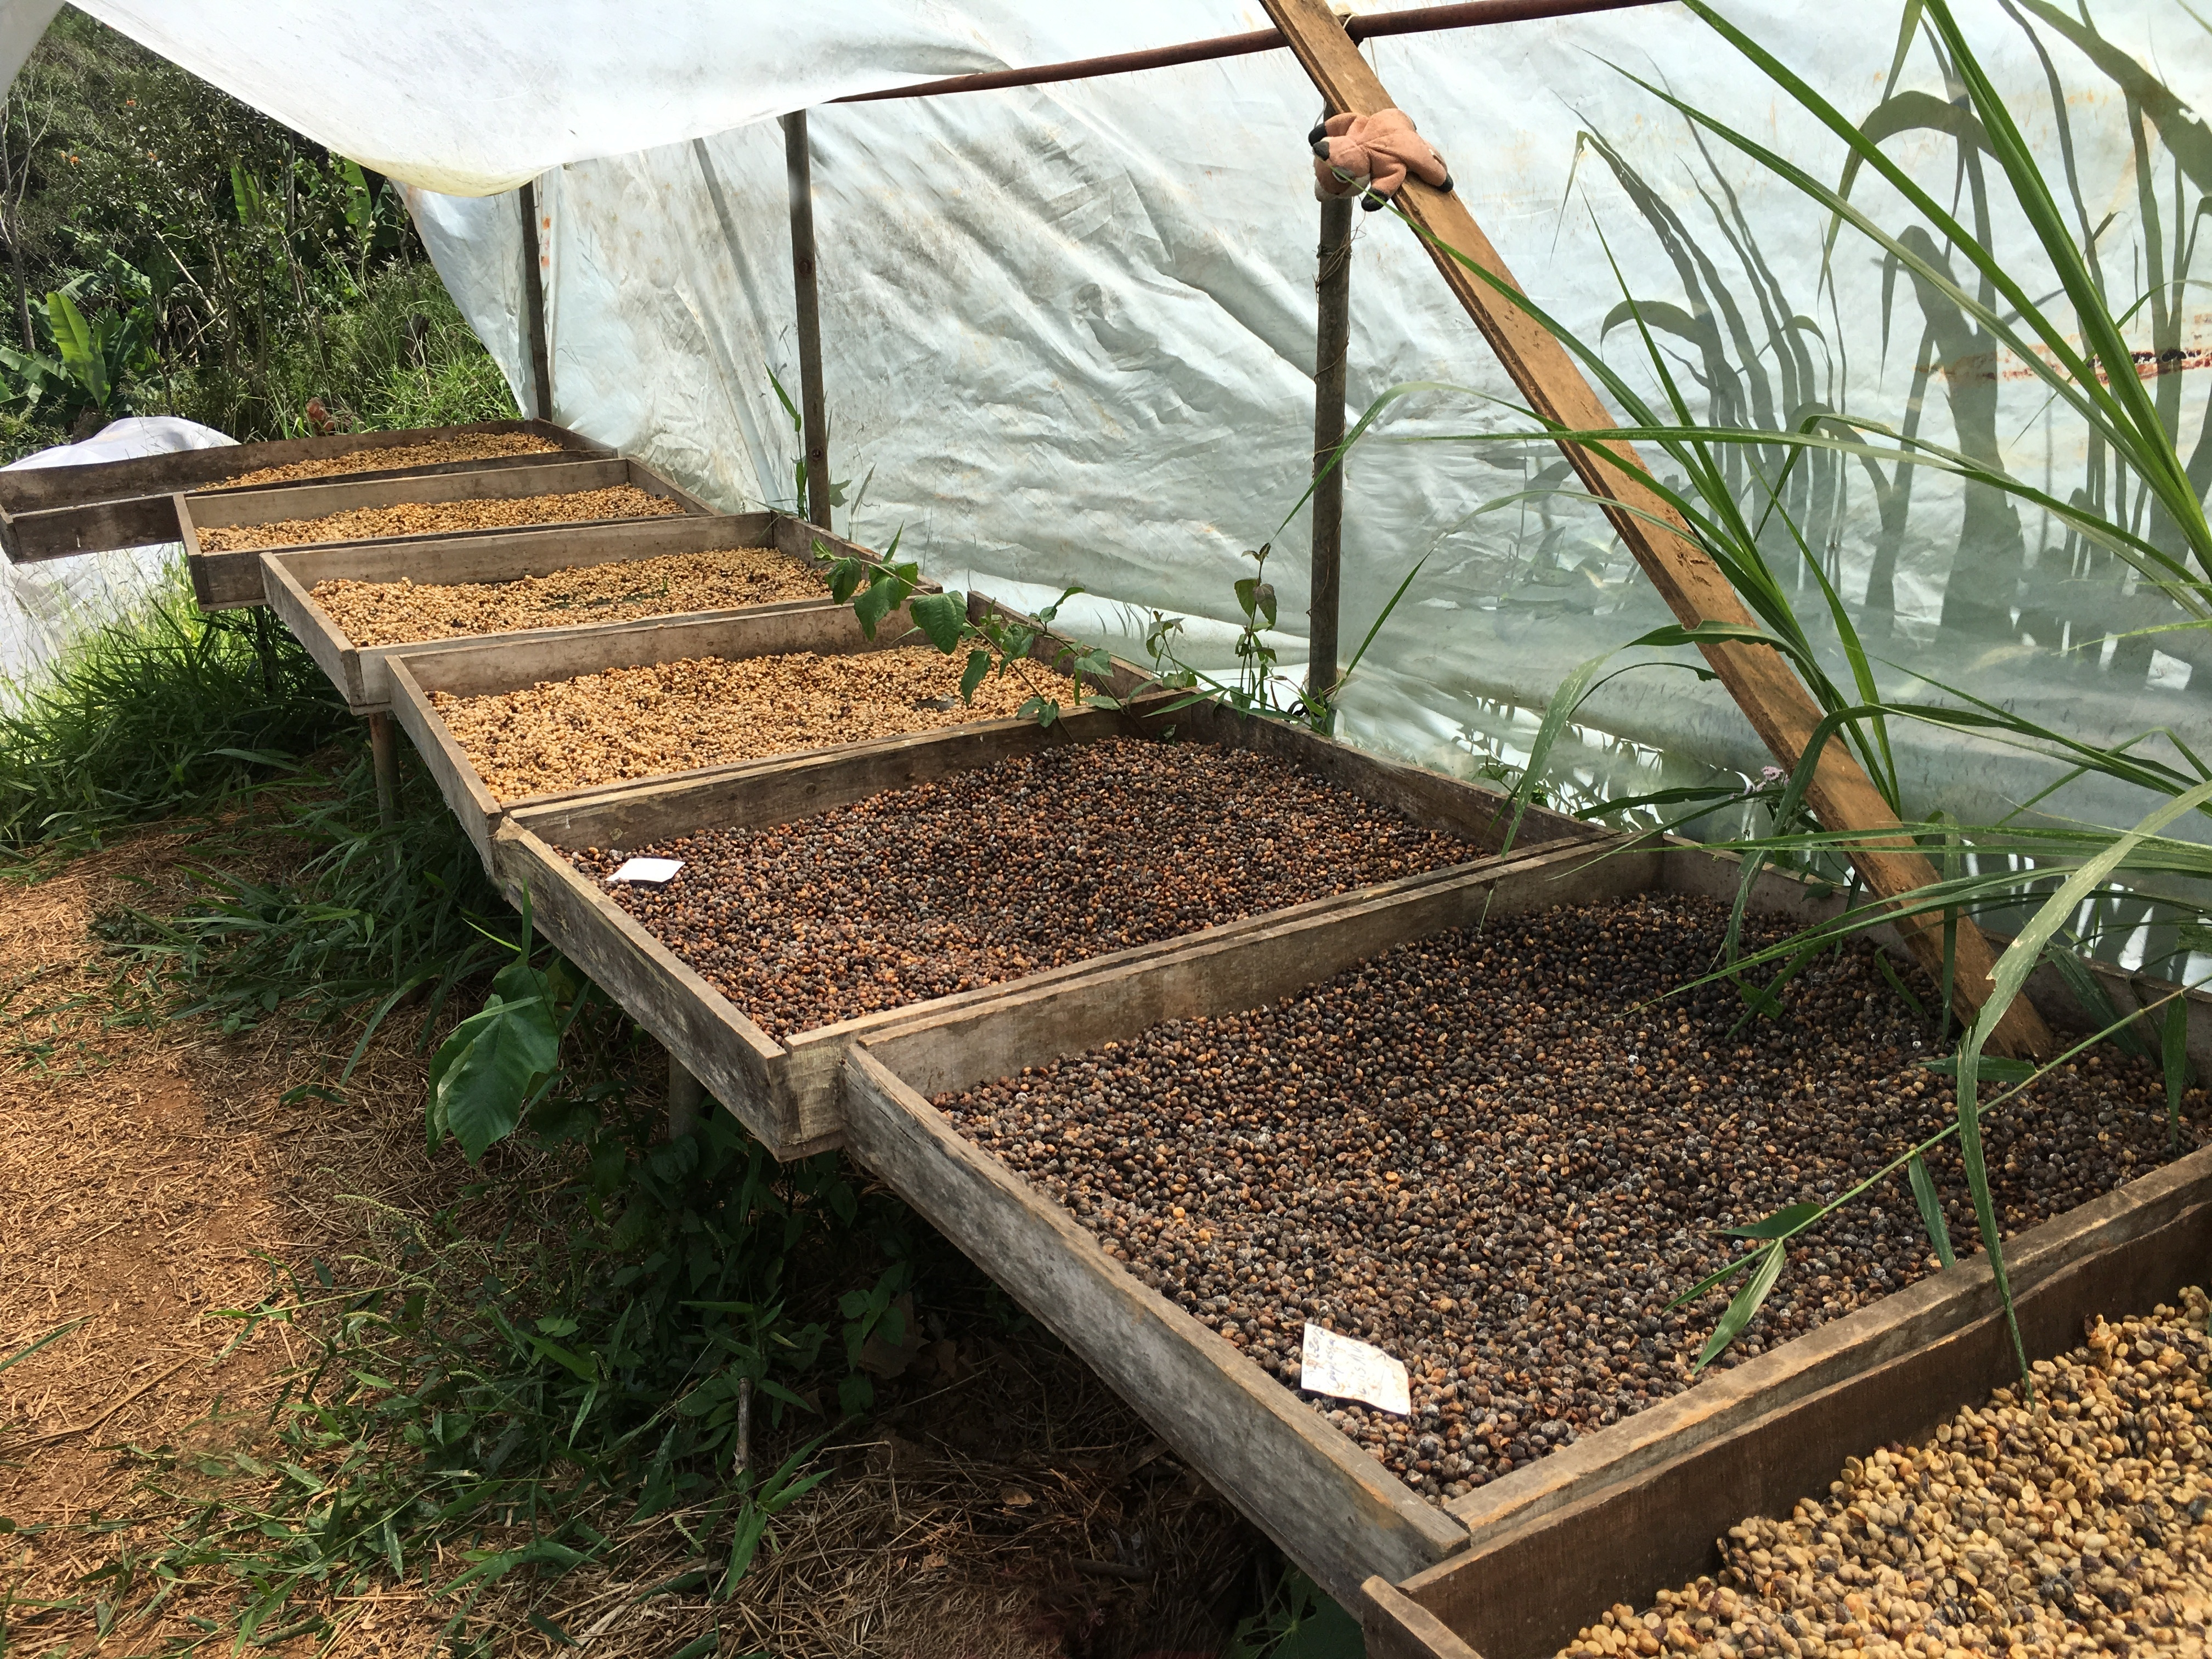 Trockenbetten Costa Rica Kaffee Plantage